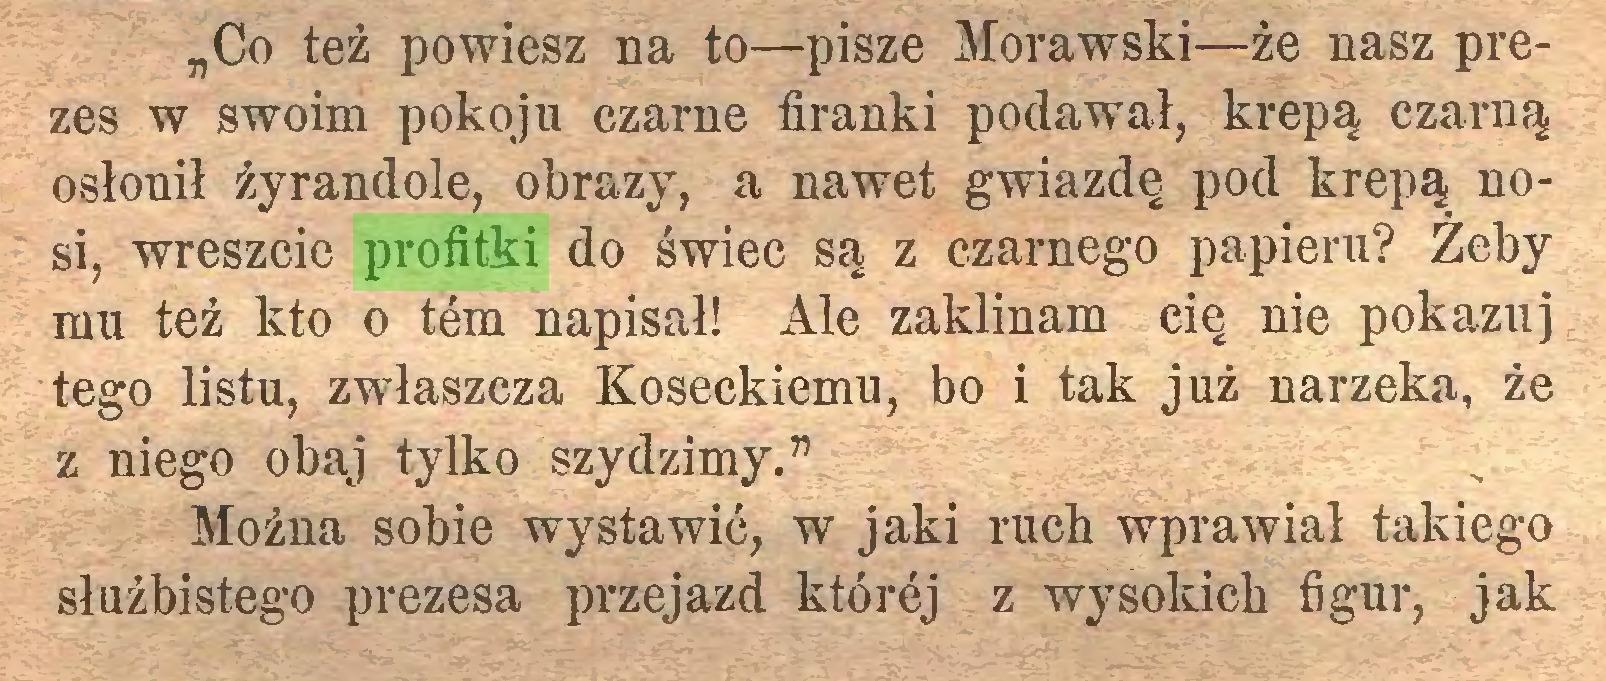 """(...) """"Co też powiesz na to—pisze Morawski—że nasz prezes w swoim pokoju czarne firanki podawał, krepą czarną osłonił żyrandole, obrazy, a nawet gwiazdę pod krepą nosi, wreszcie profitki do świec są z czarnego papieru? Żeby mu też kto o tem napisał! Ale zaklinam cię nie pokazuj tego listu, zwłaszcza Koseckiemu, bo i tak już narzeka, że z niego obaj tylko szydzimy."""" Można sobie wystawić, w jaki ruch wprawiał takiego służbistego prezesa przejazd której z wysokich figur, jak..."""